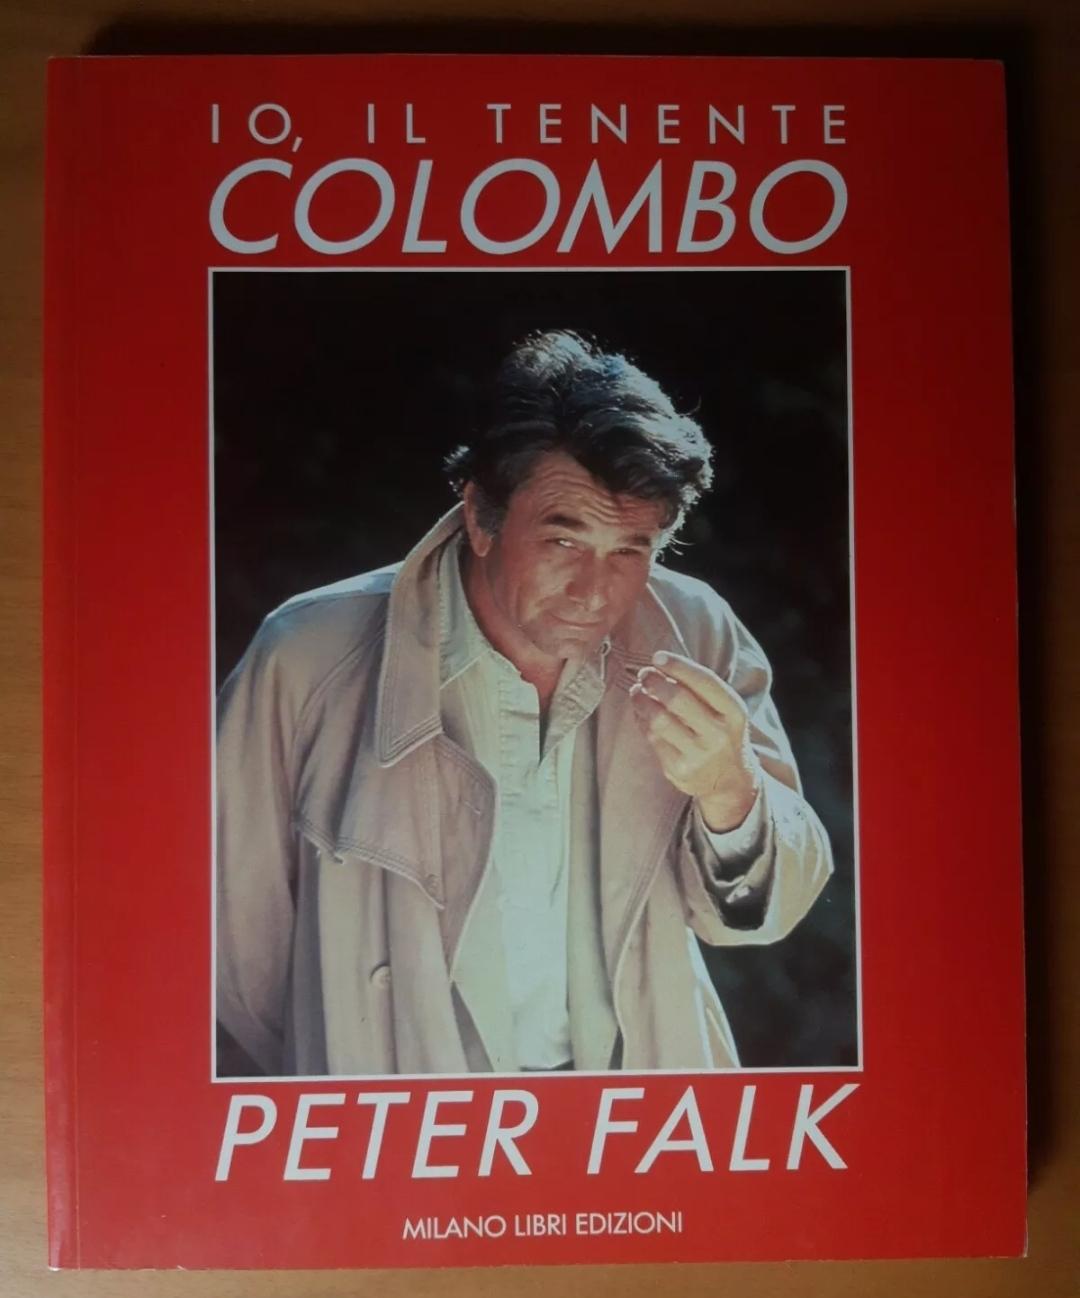 IO, IL TENENTE COLOMBO – ediz. Milano Libri 1986 ?️ libro introvabile